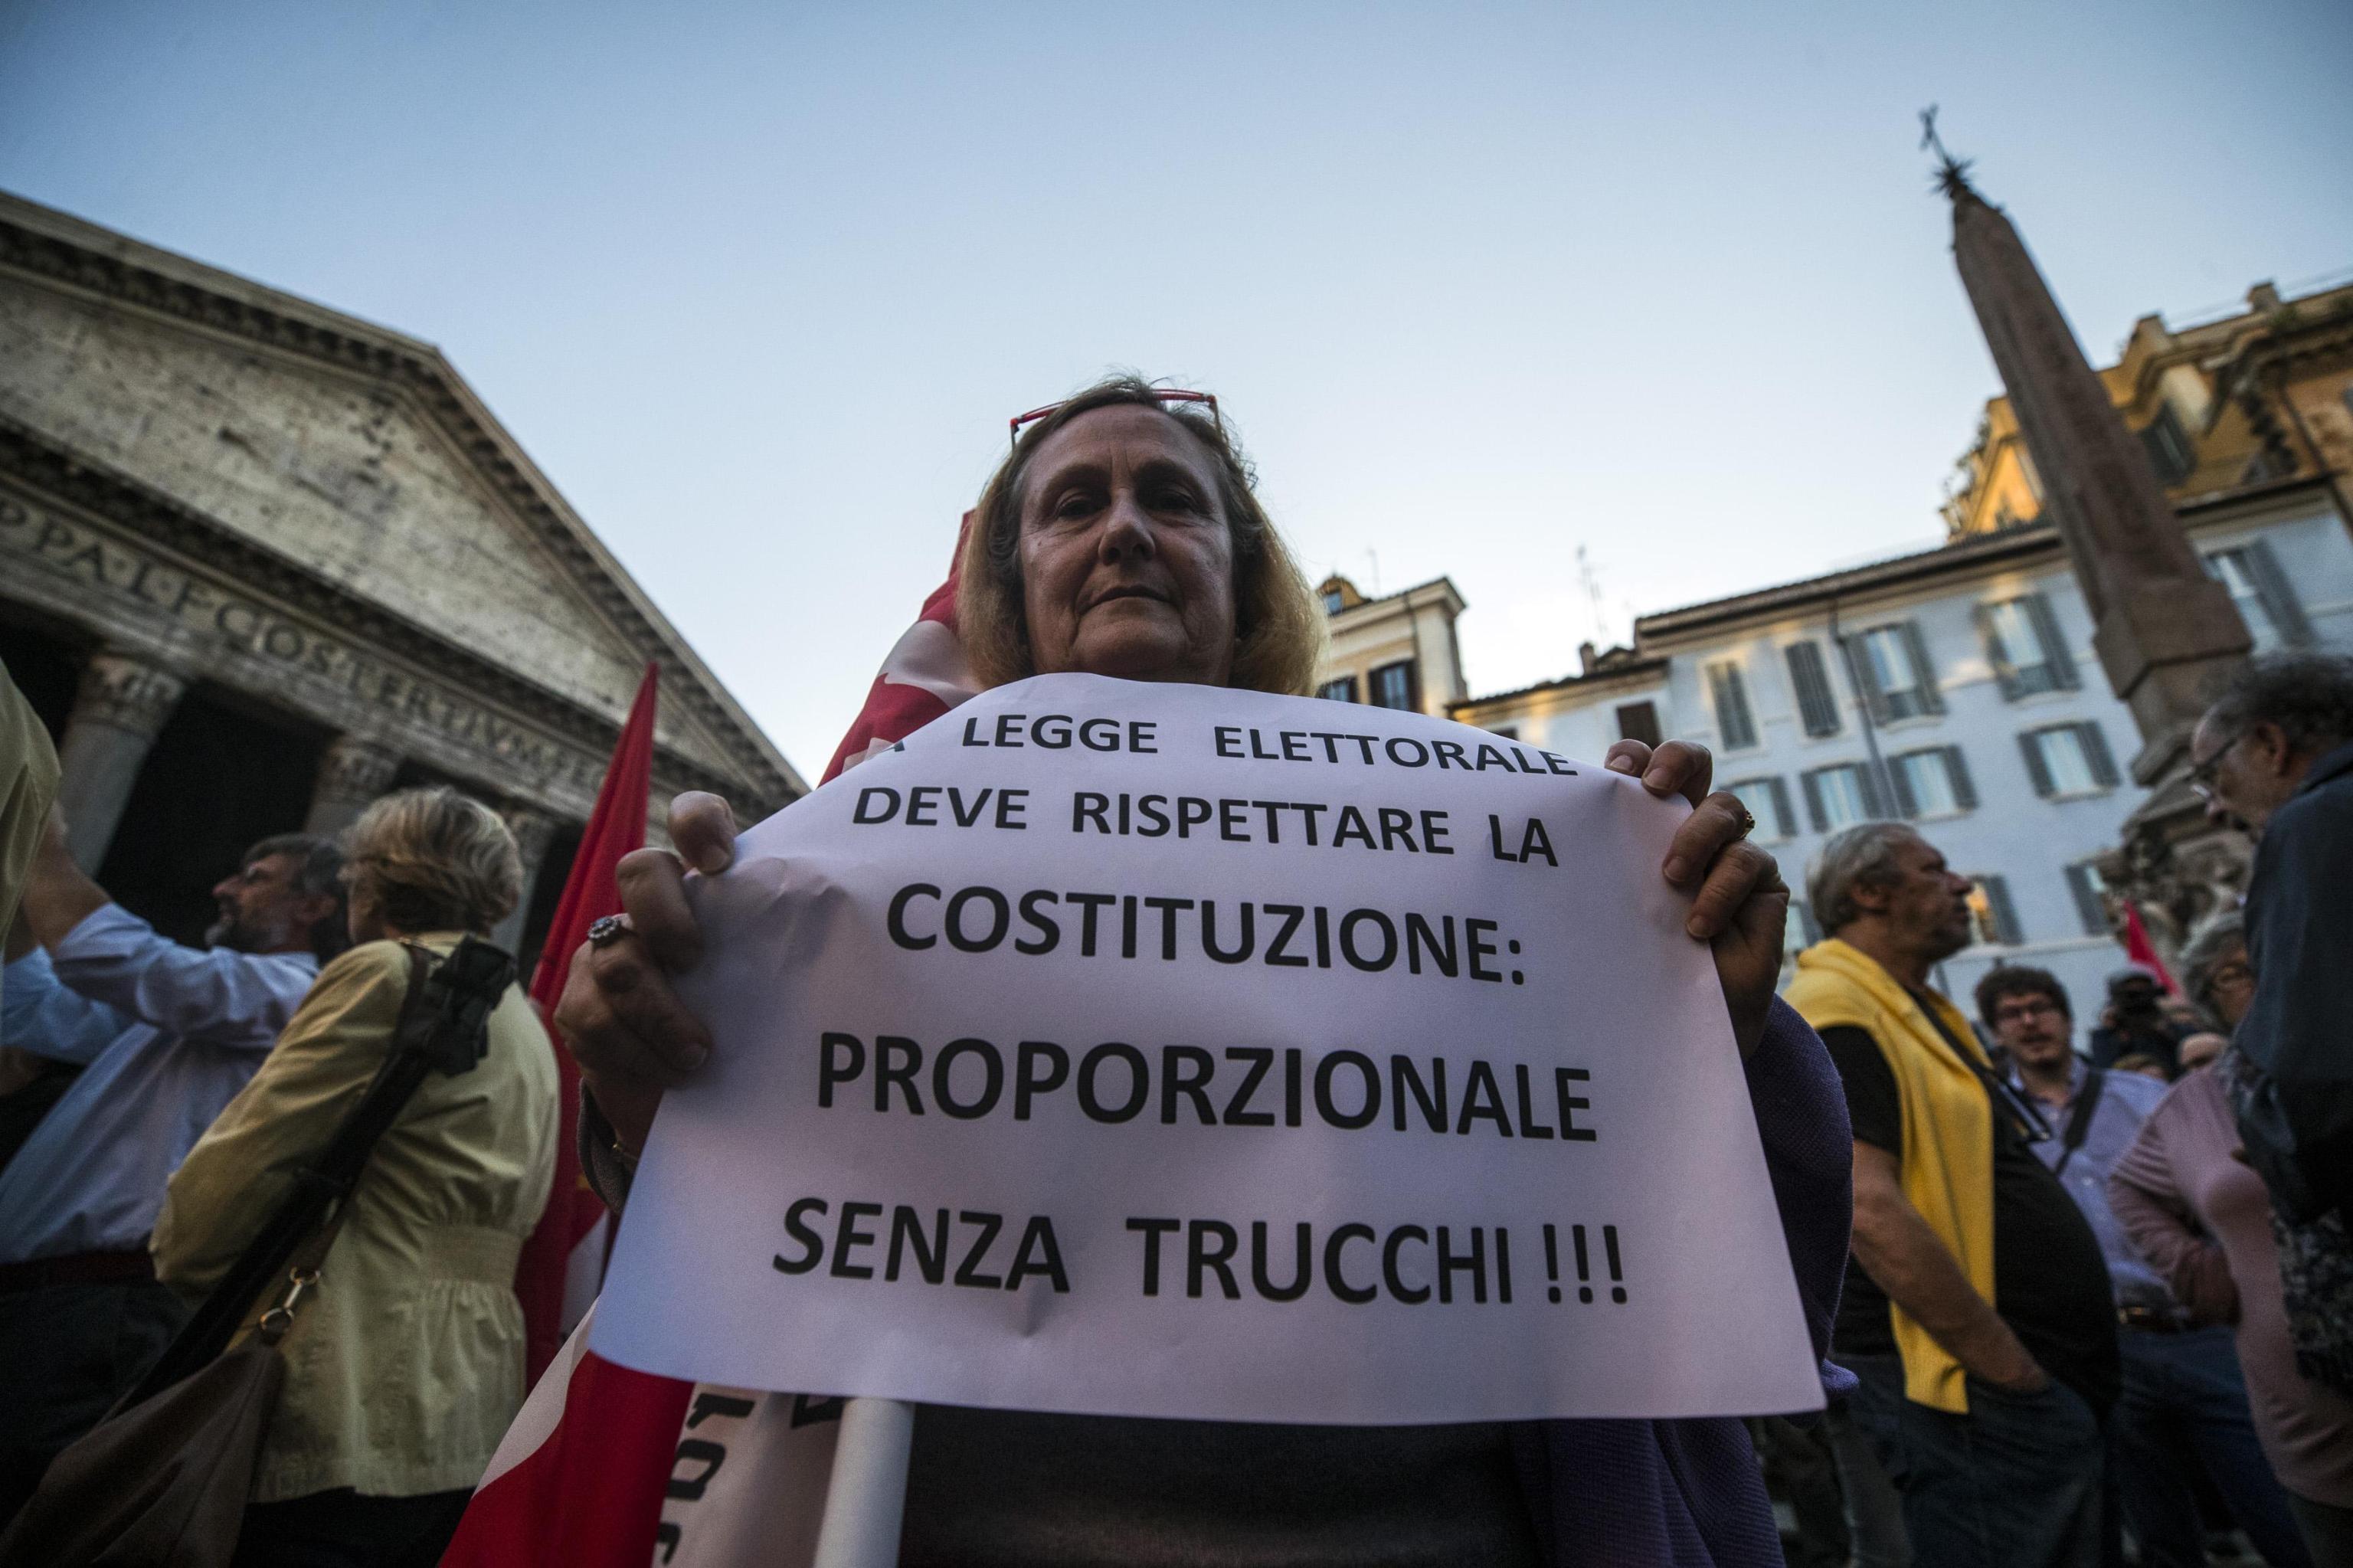 un-momento-del-sit-in-organizzato-dalla-sinistra-contro-la-fiducia-sul-rosatellum-bis-in-piazza-del-pantheon-a-roma-foto-ansa